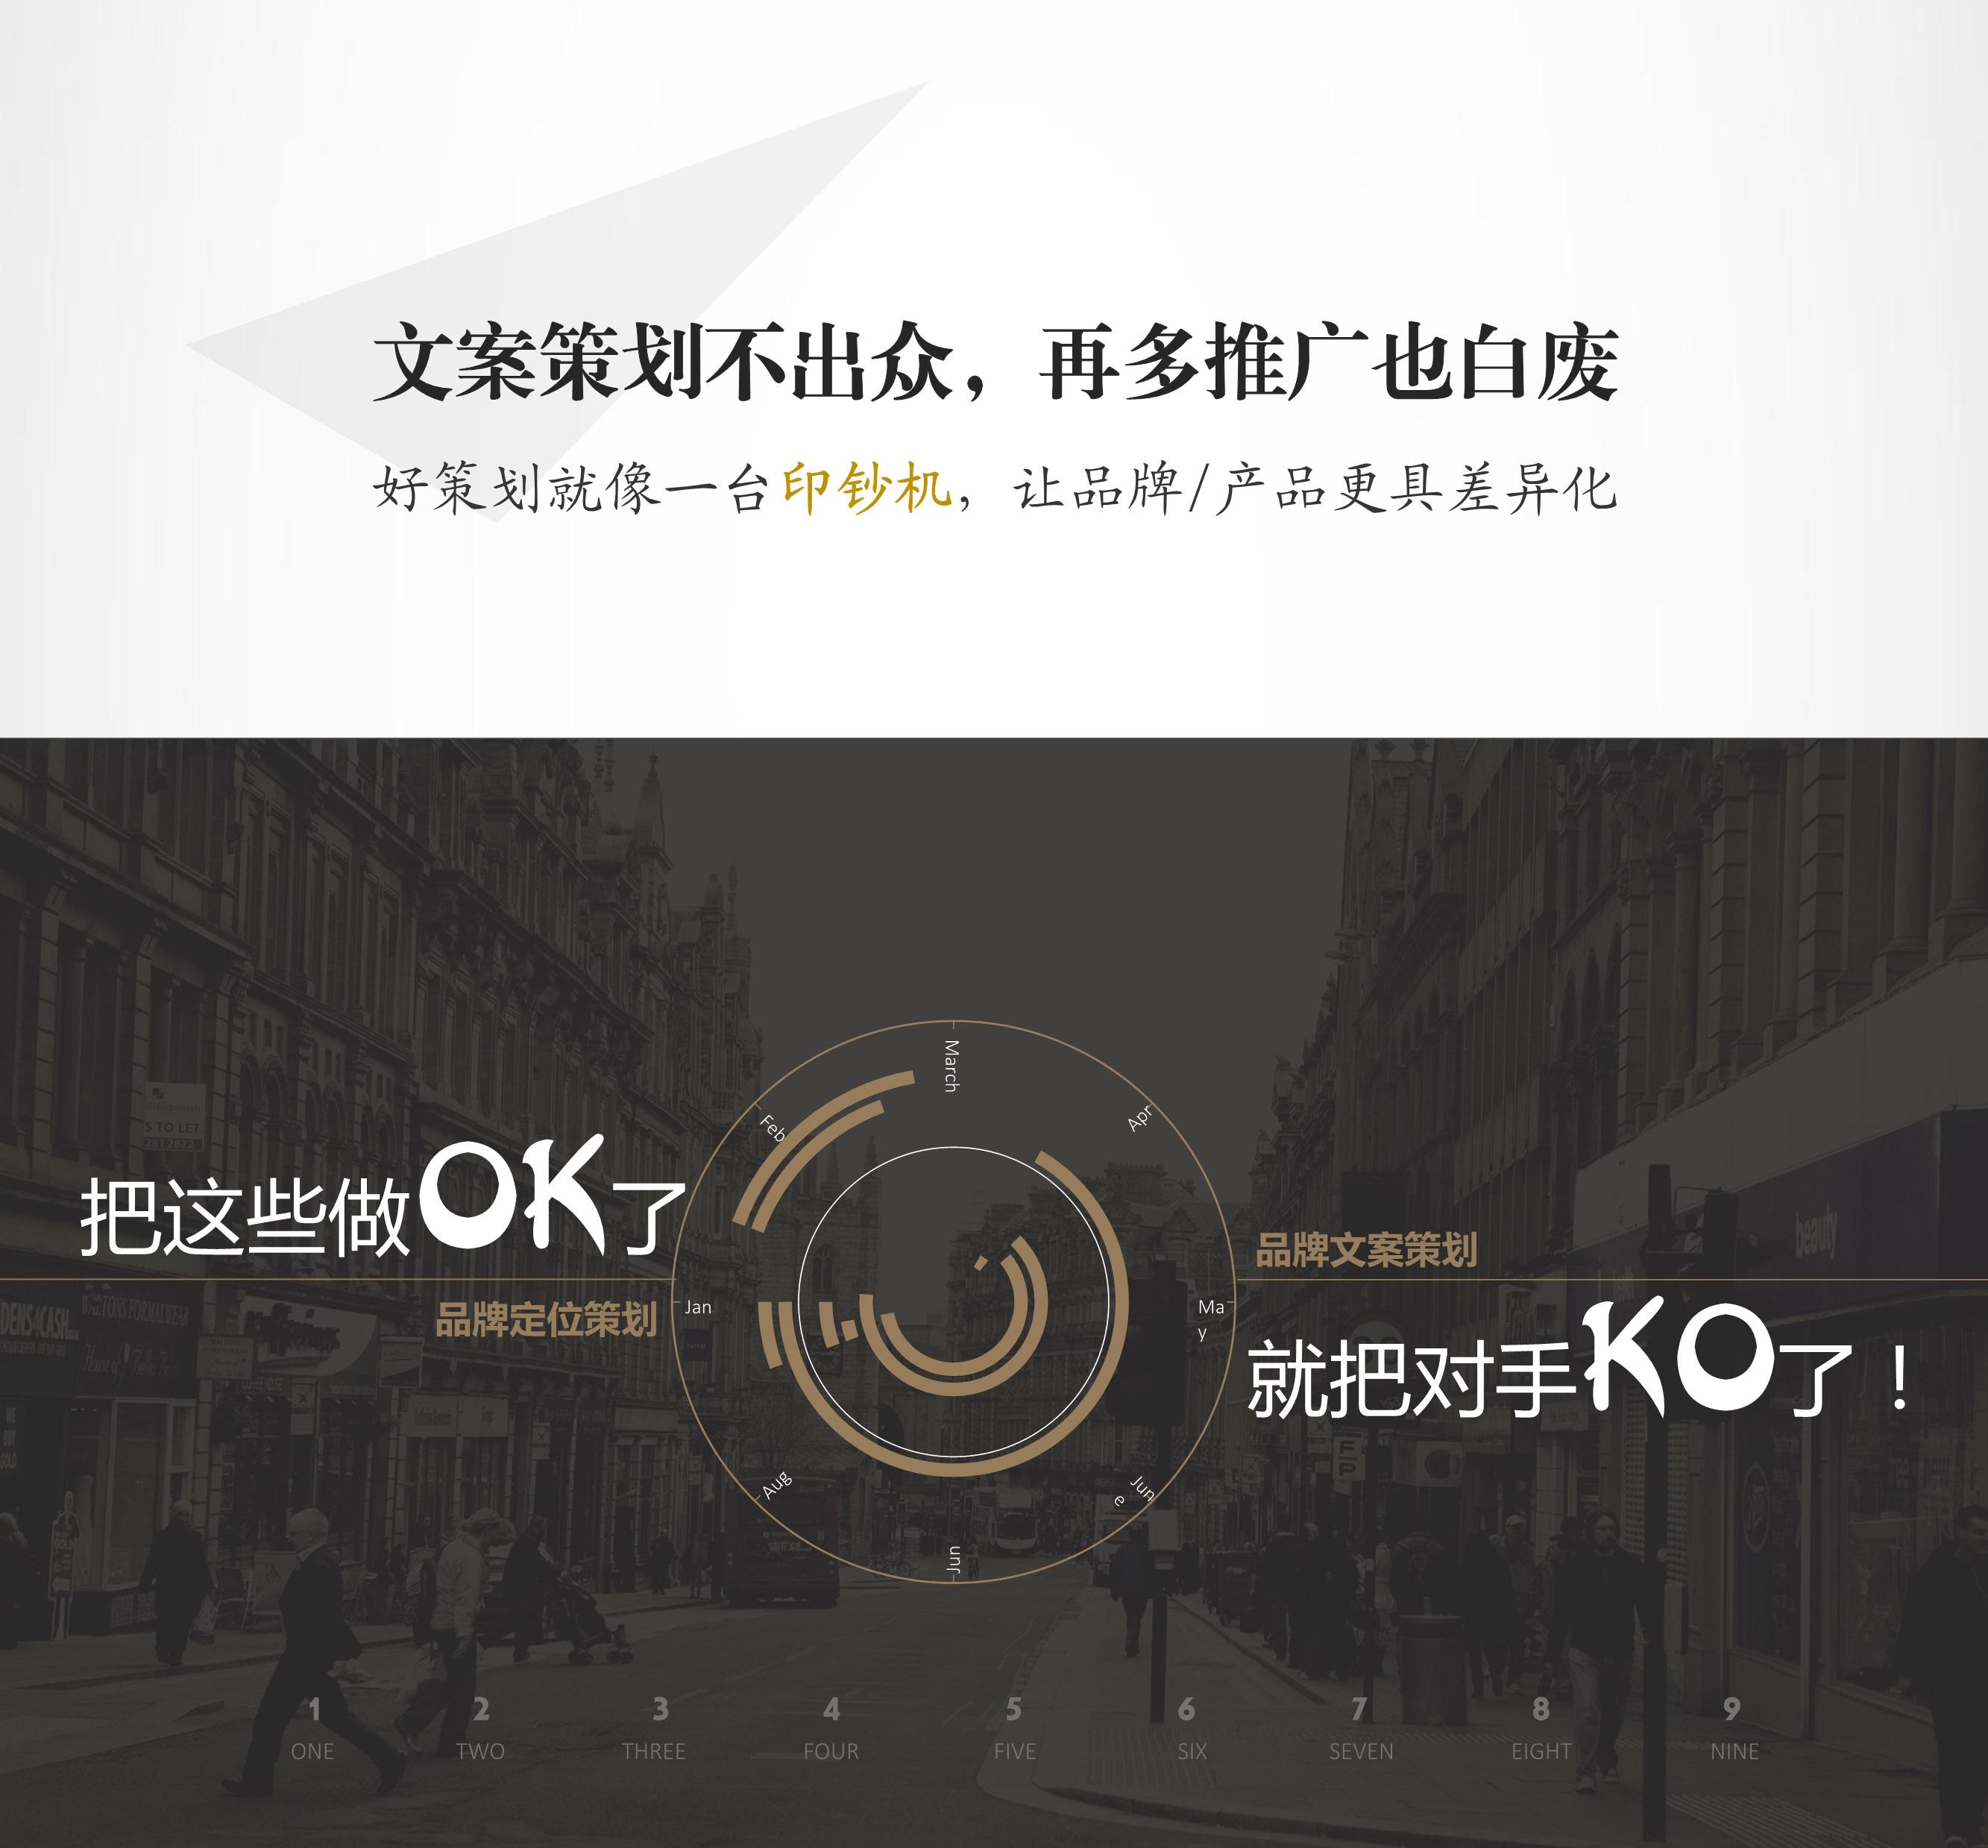 _品牌狂人 专业产品牌全案策划机构 定制定位企业形象宣传包装5